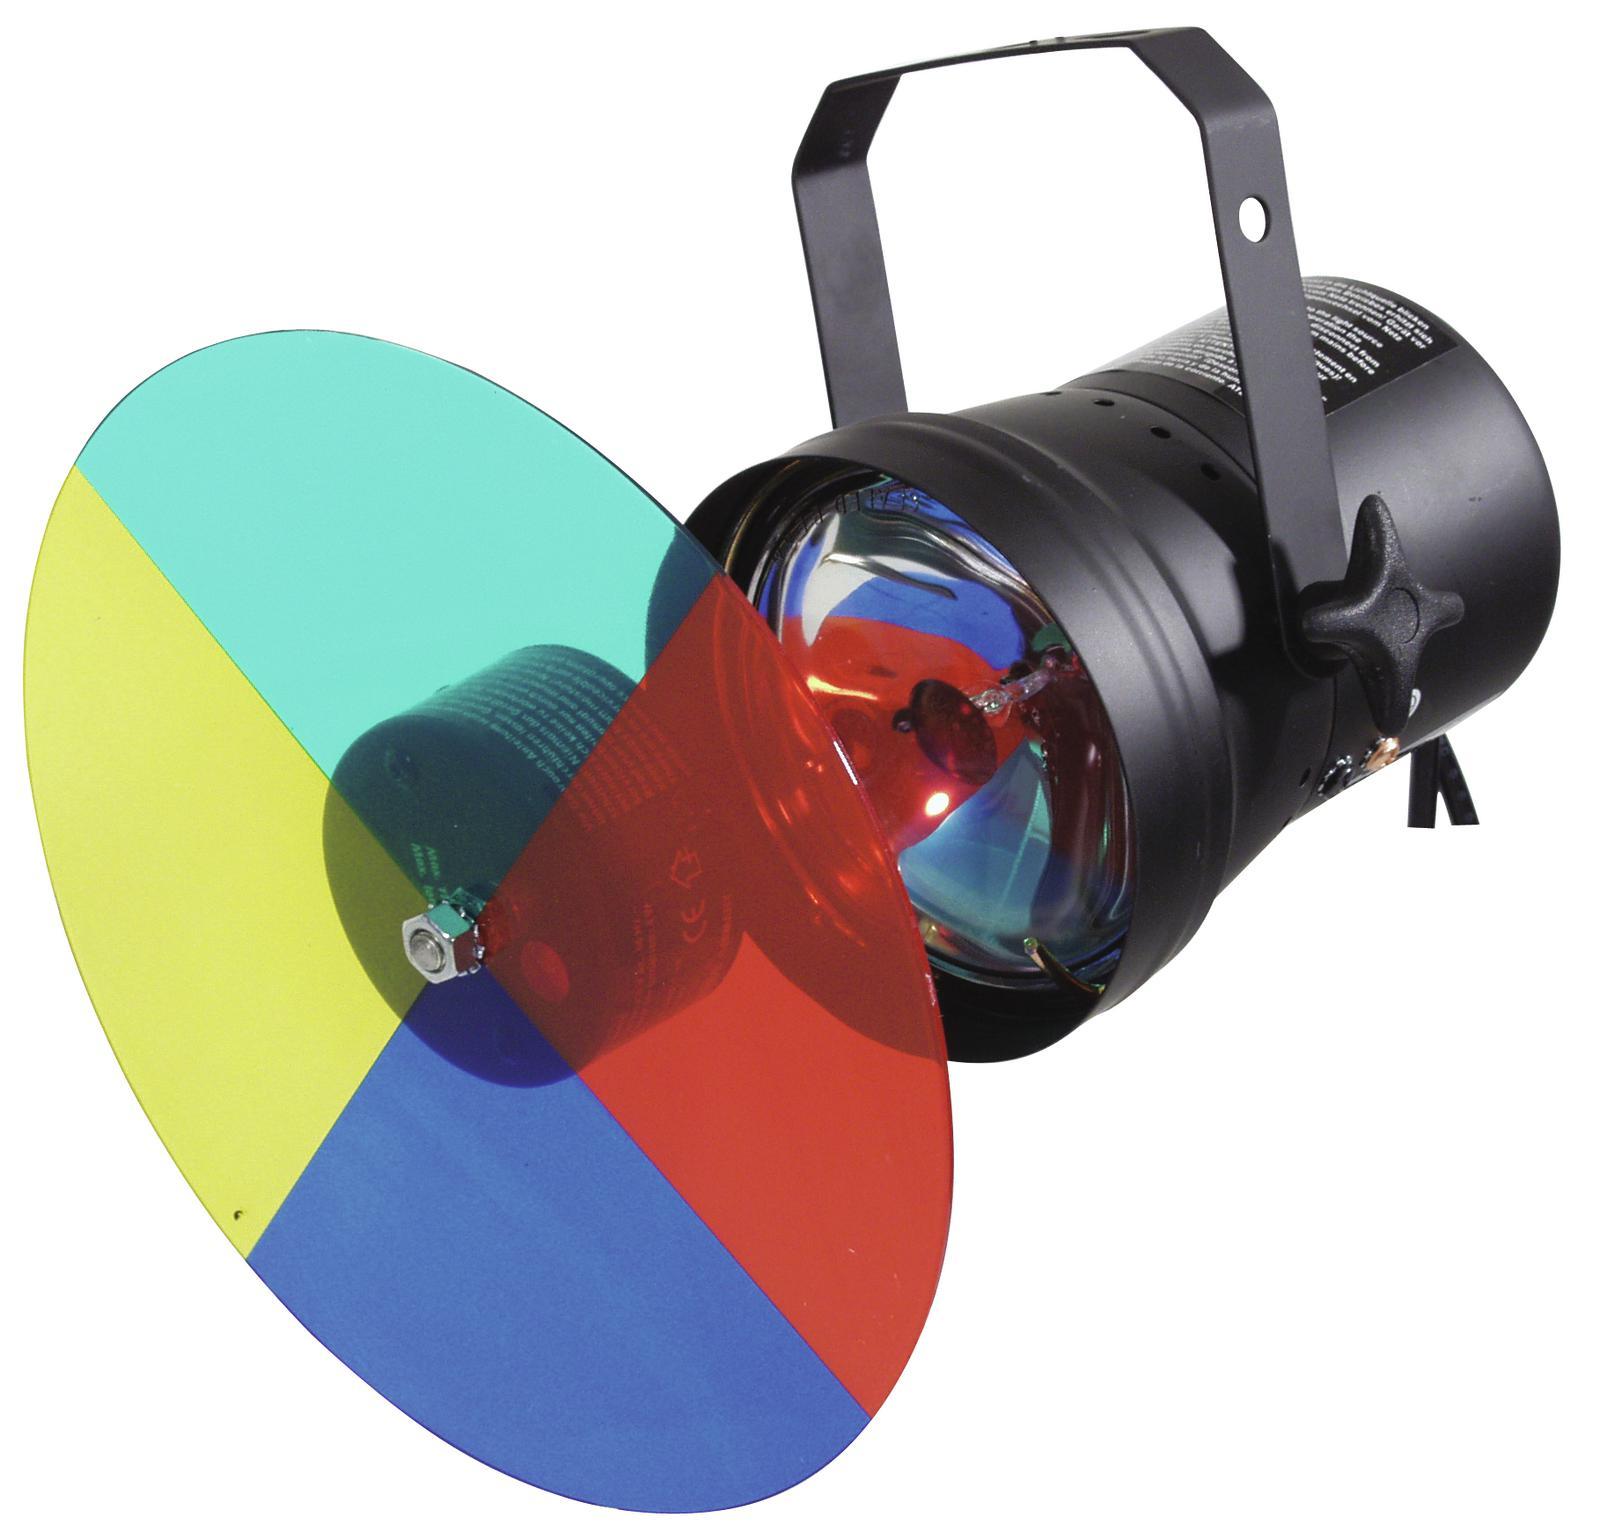 EUROLITE Color-Caricatore Set + PAR-36 Pinspot